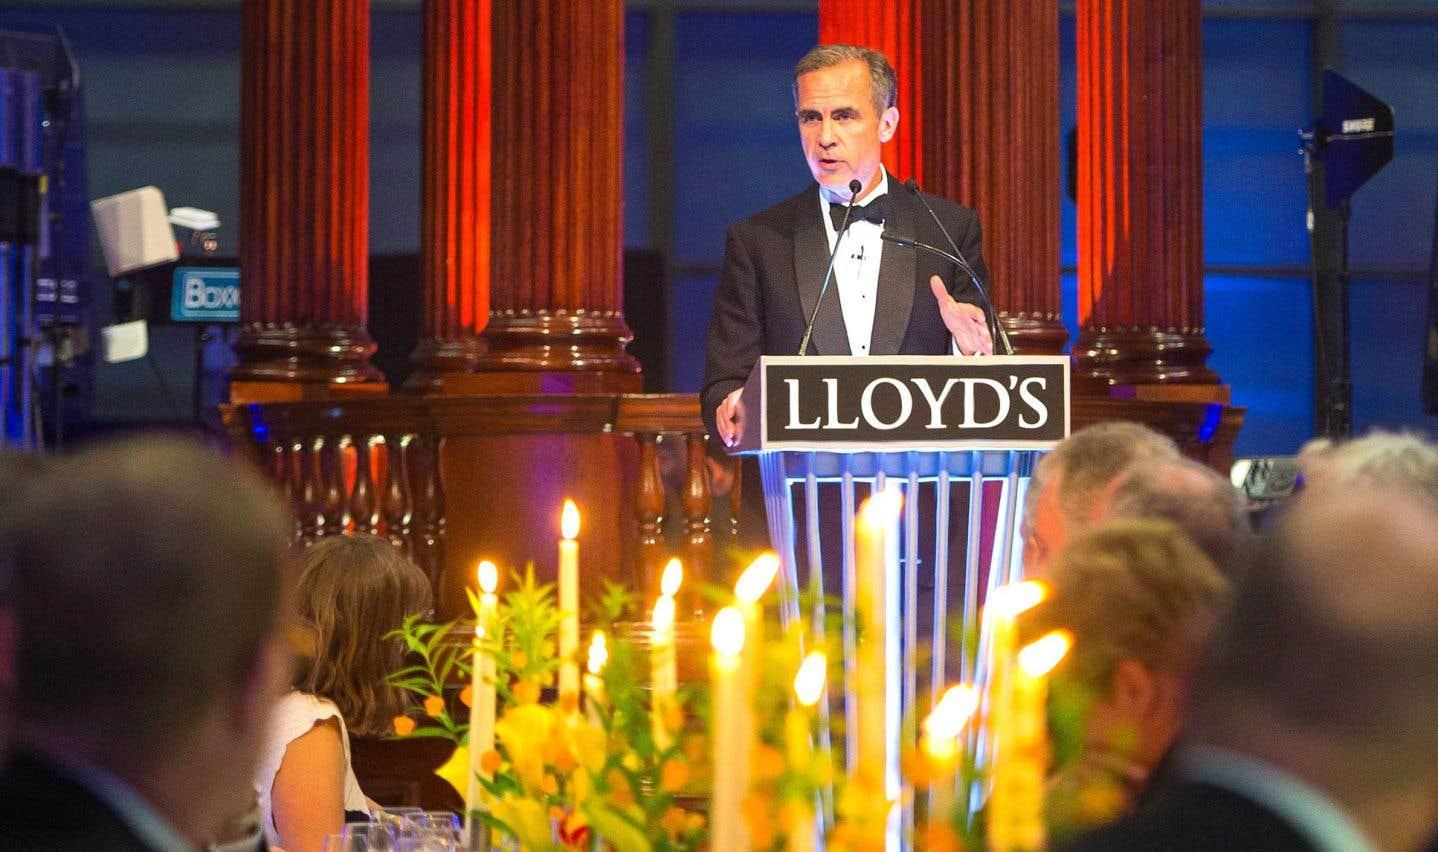 Une grave menace pour la stabilité financière mondiale, dit Mark Carney